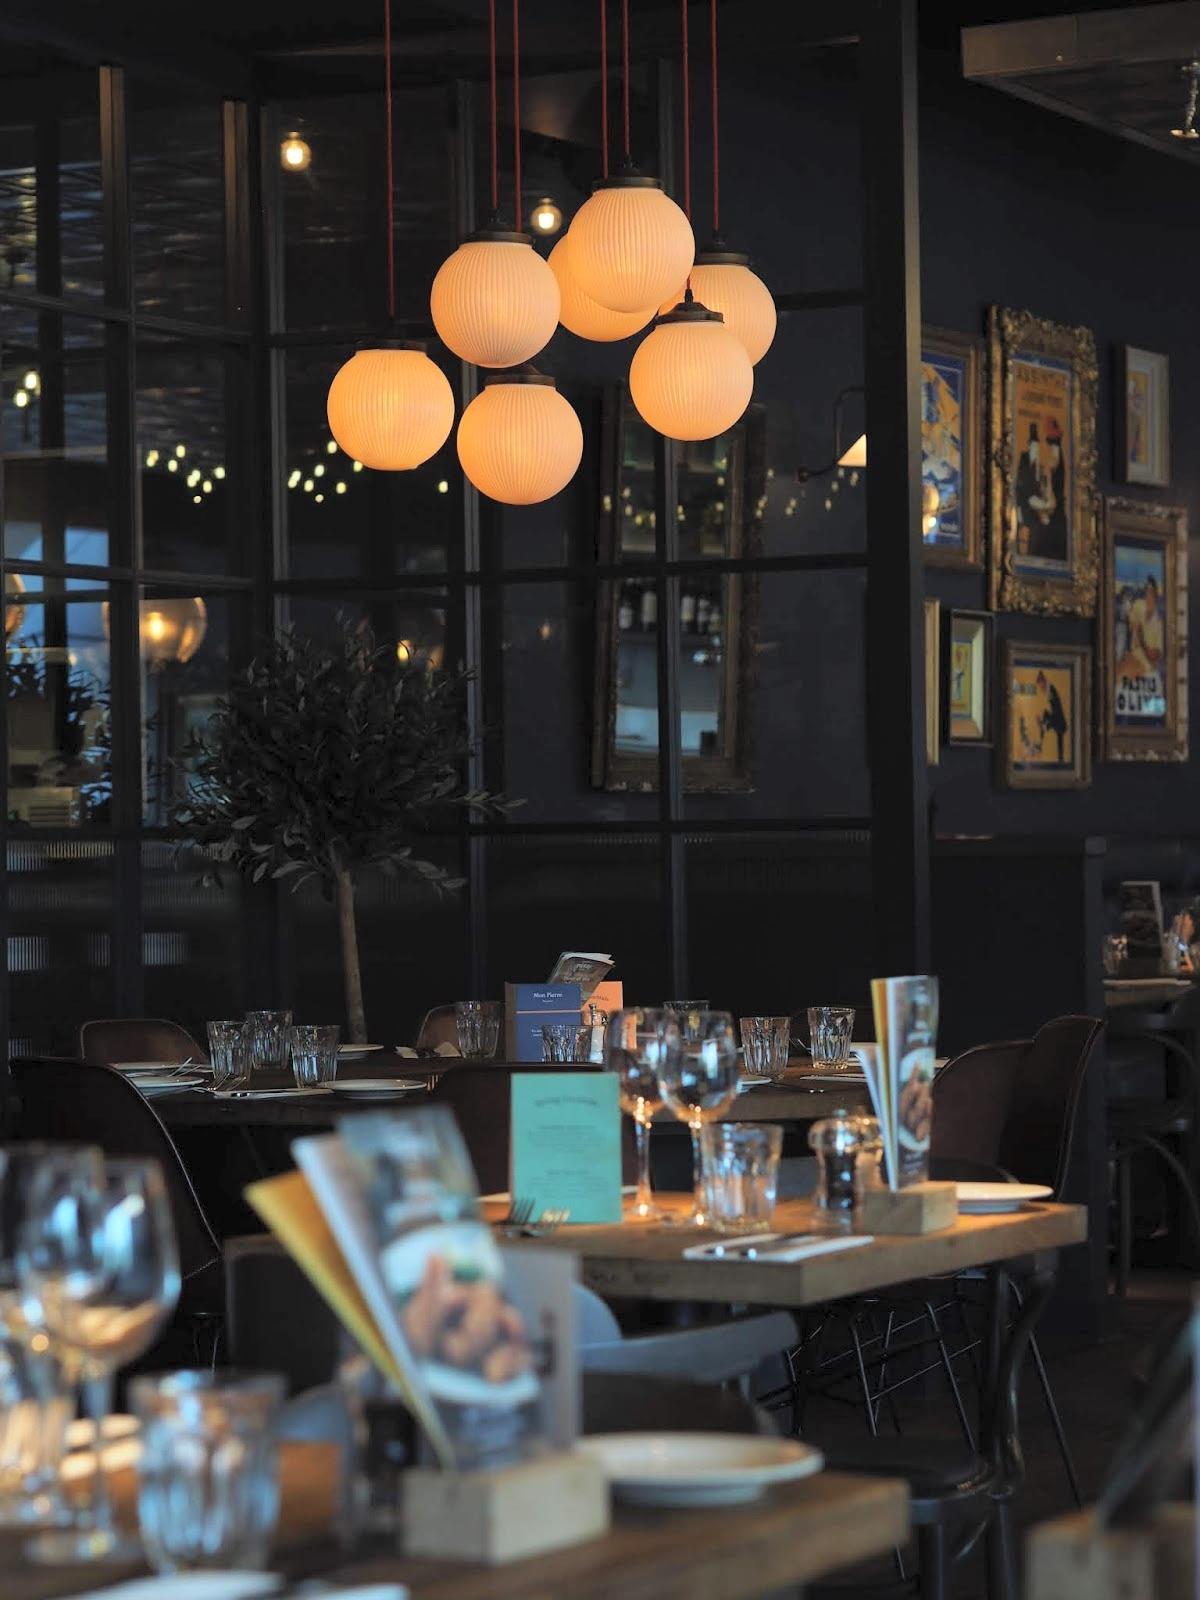 Bistrot Pierre Middlesbrough restaurant review interior